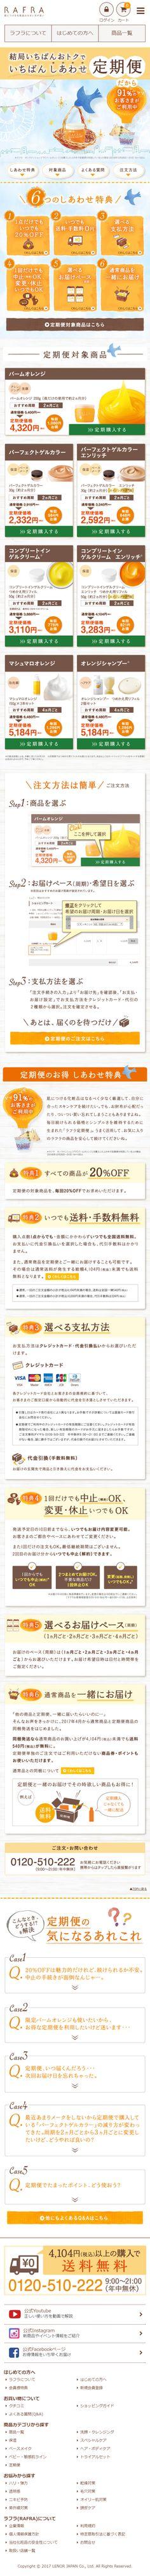 しあわせ定期便|WEBデザイナーさん必見!スマホランディングページのデザイン参考に(にぎやか系)